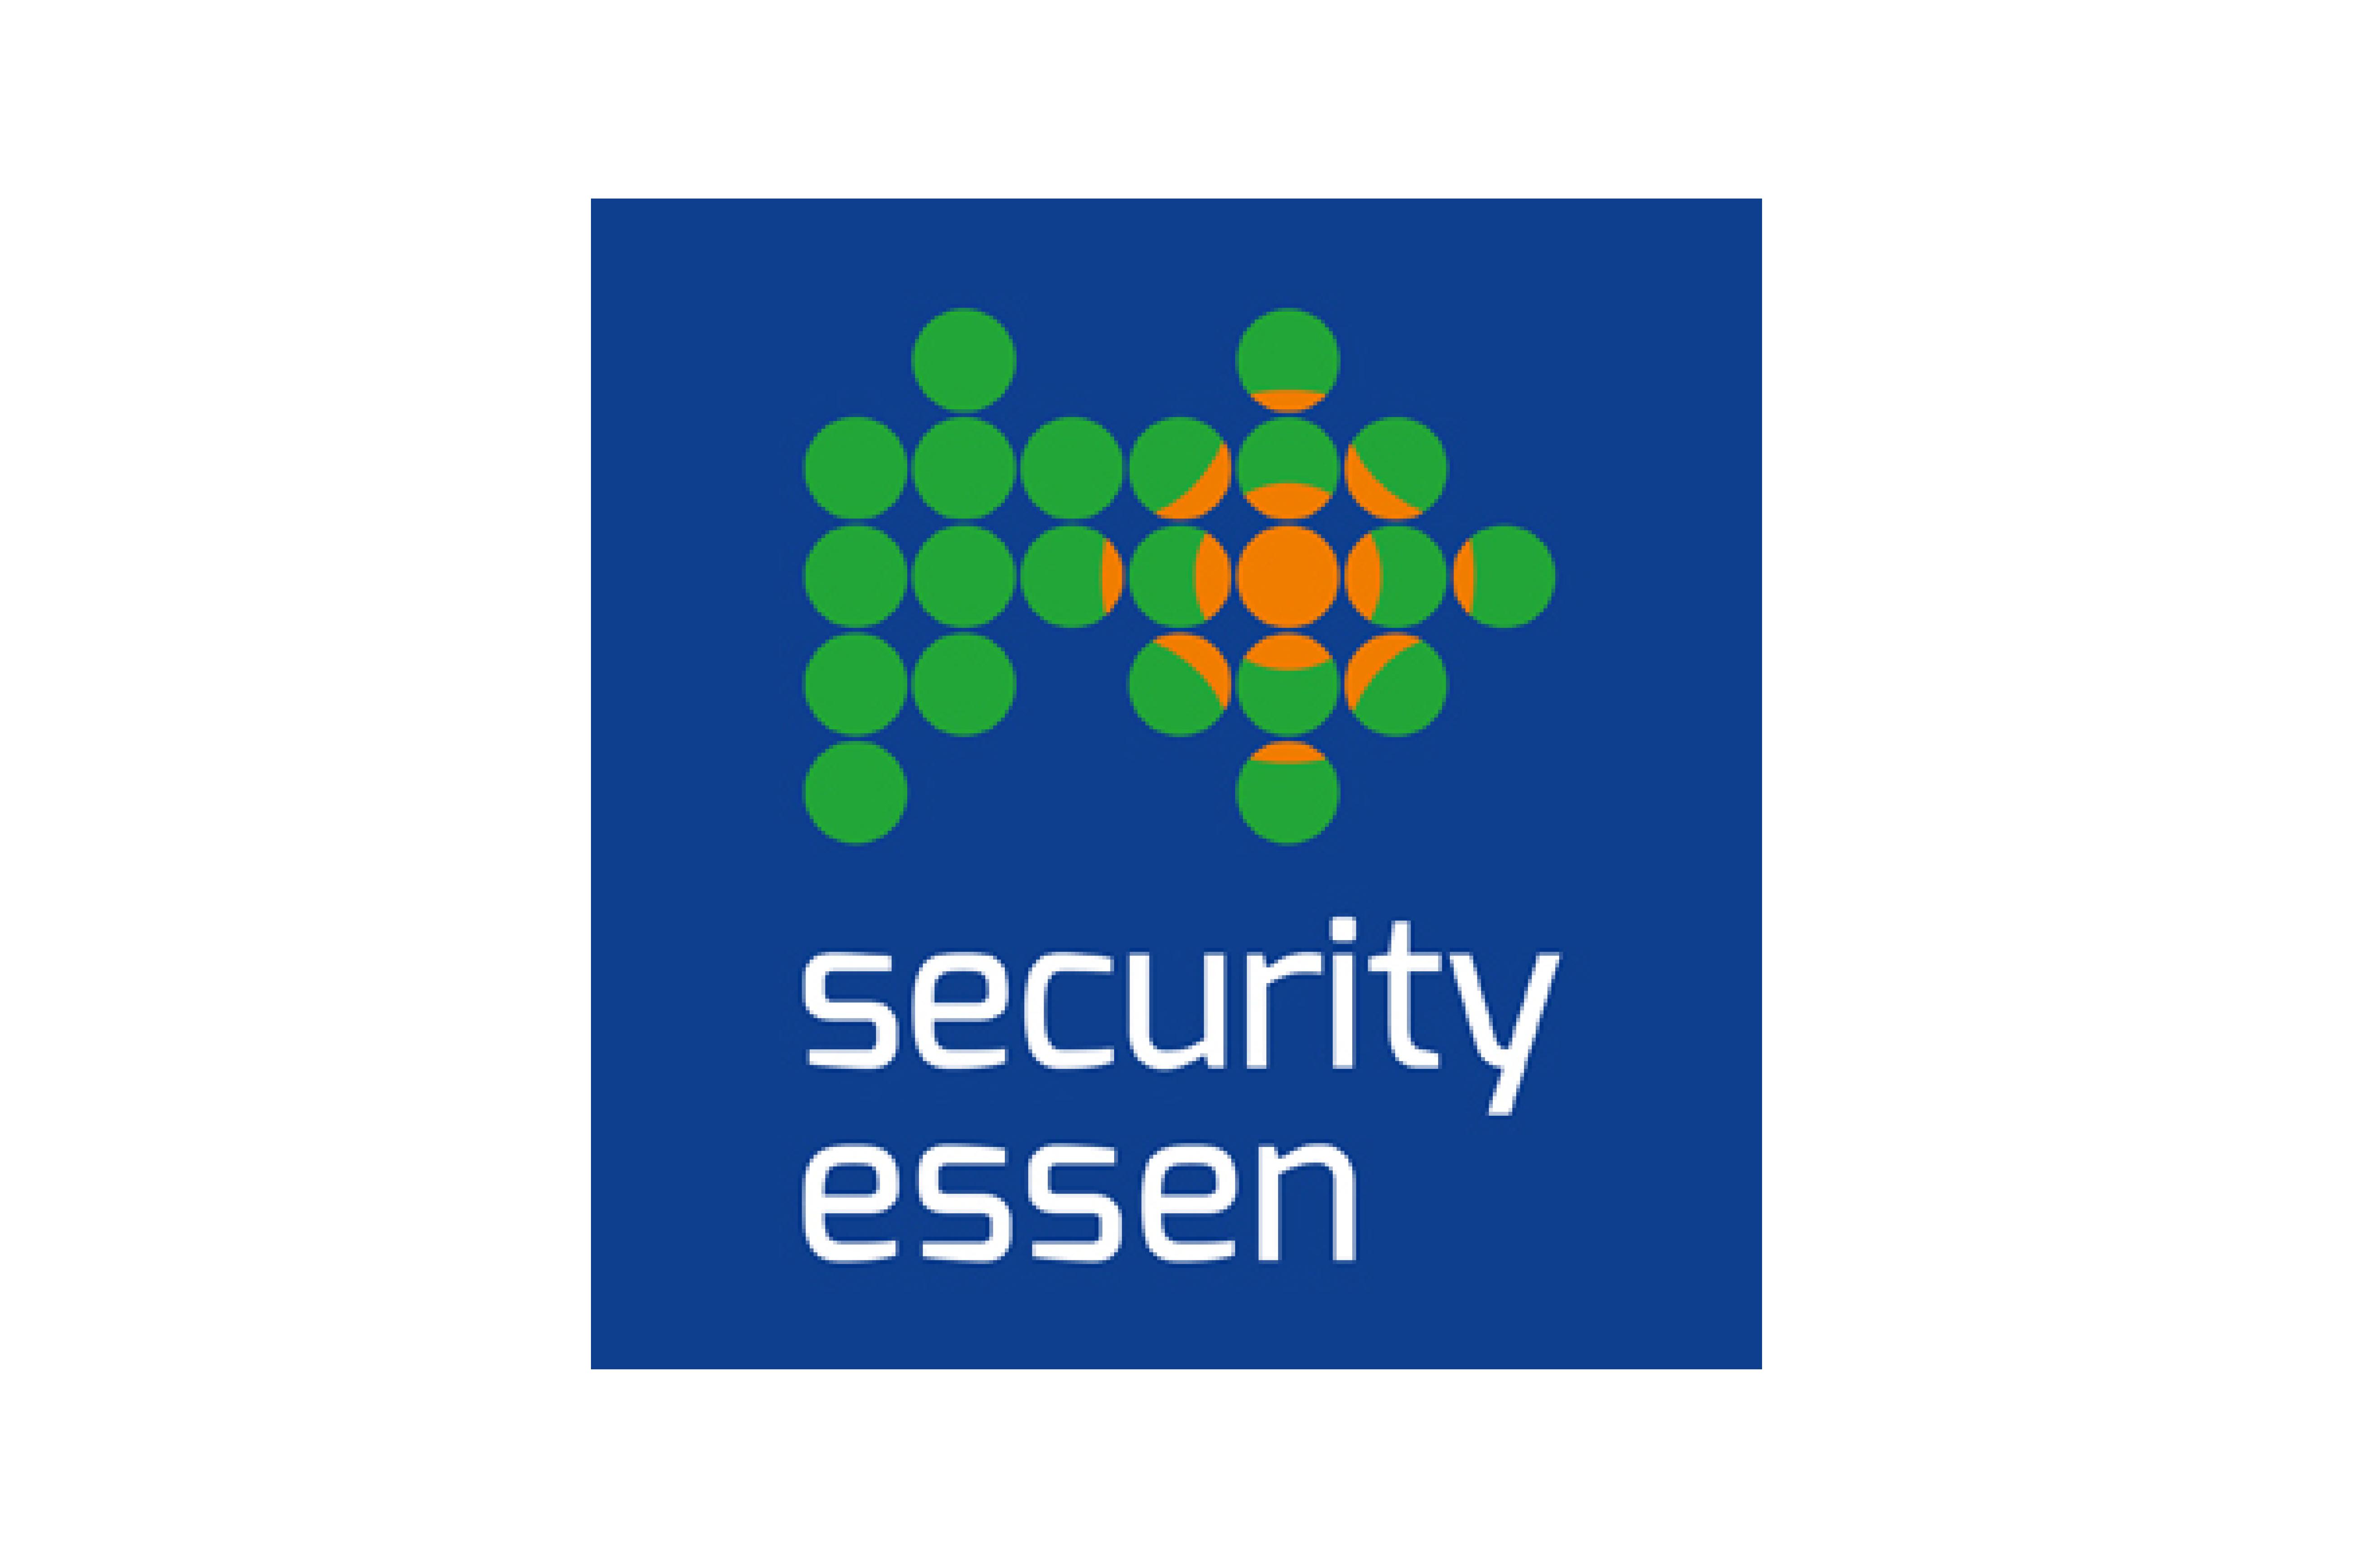 securityessen